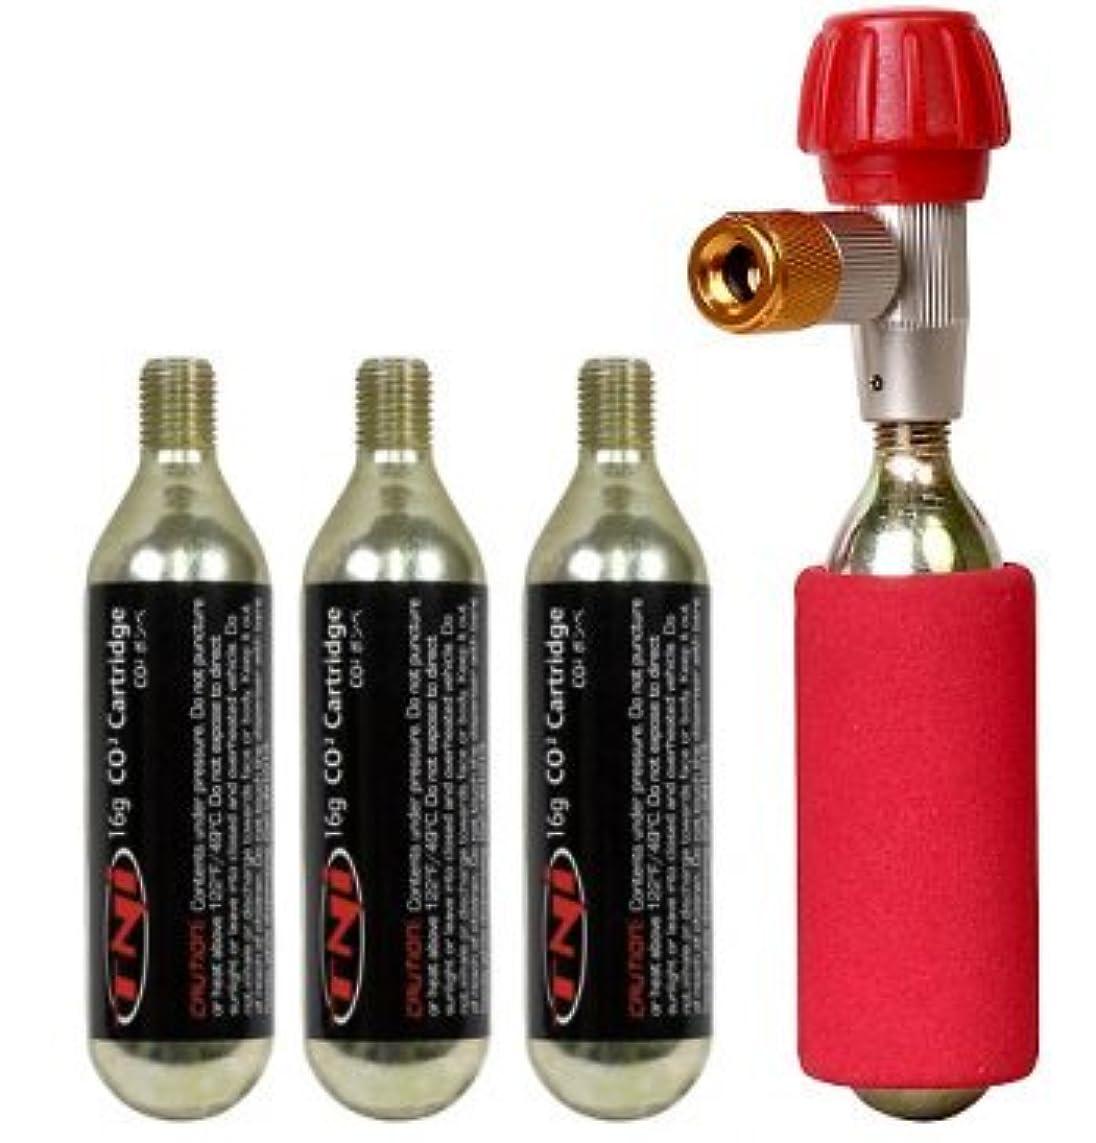 規制する奴隷レジデンスTNI CO2 インフレーター ボンベセット エアバルブ 米式 仏式兼用 CO2ボンベ16g×4本